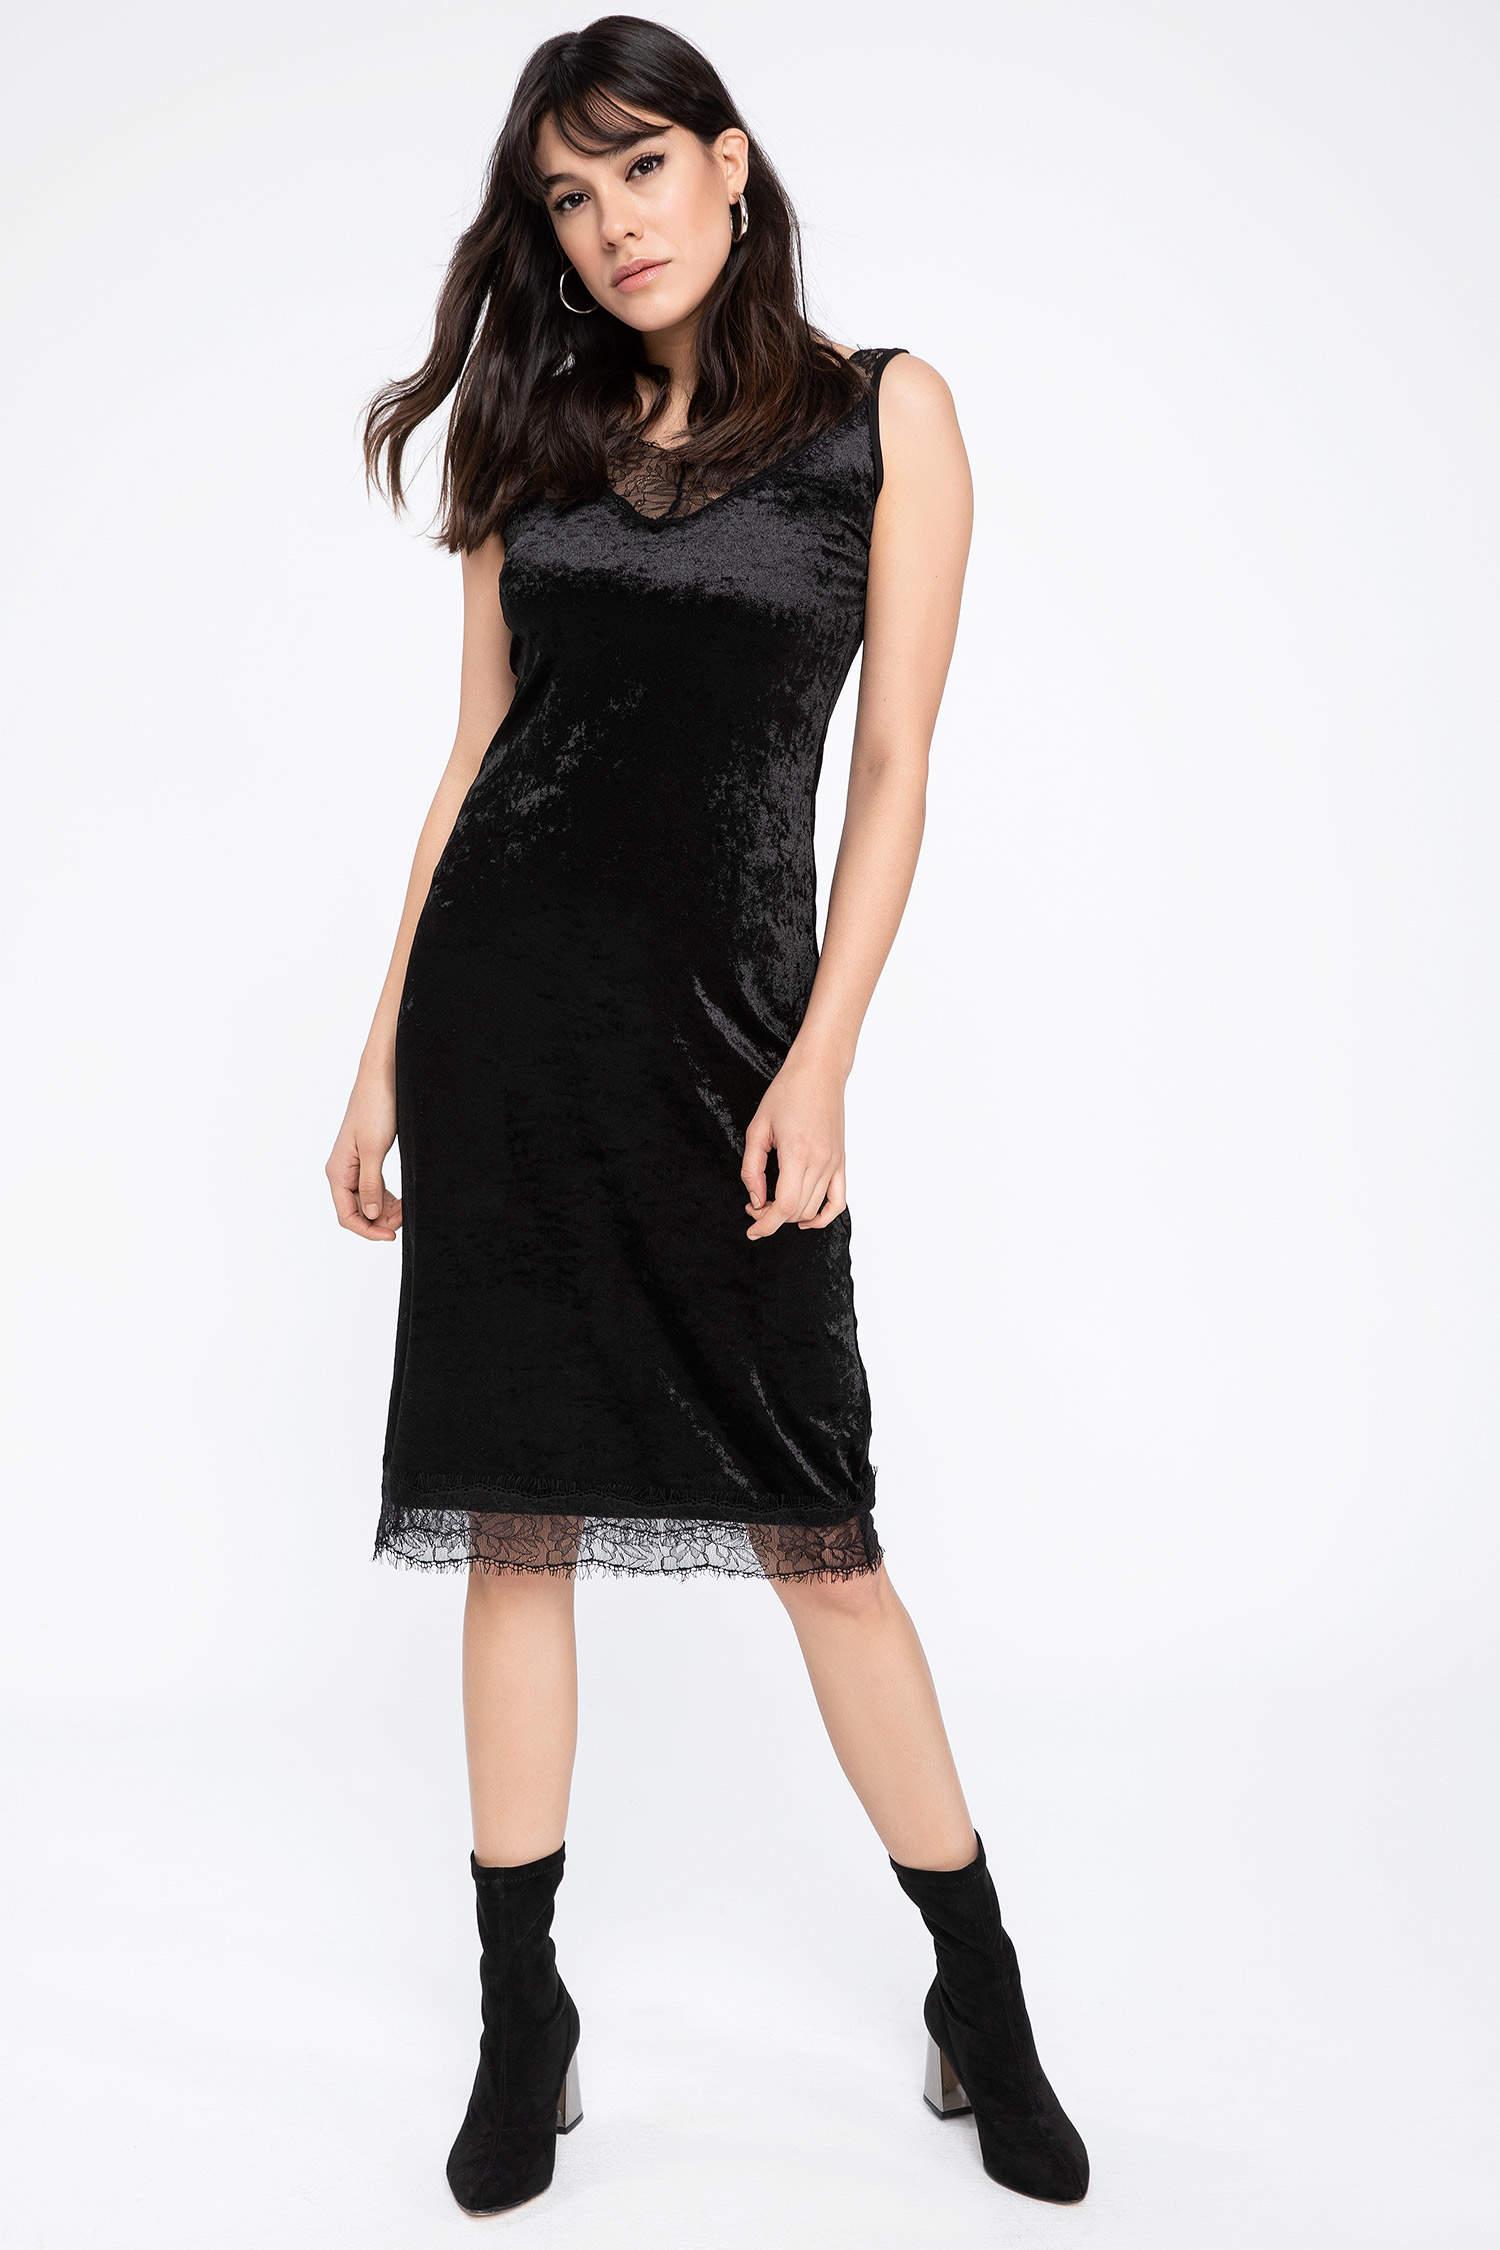 61de569a41022 Siyah Kadın Dantel Detaylı Kadife Elbise 794009 | DeFacto